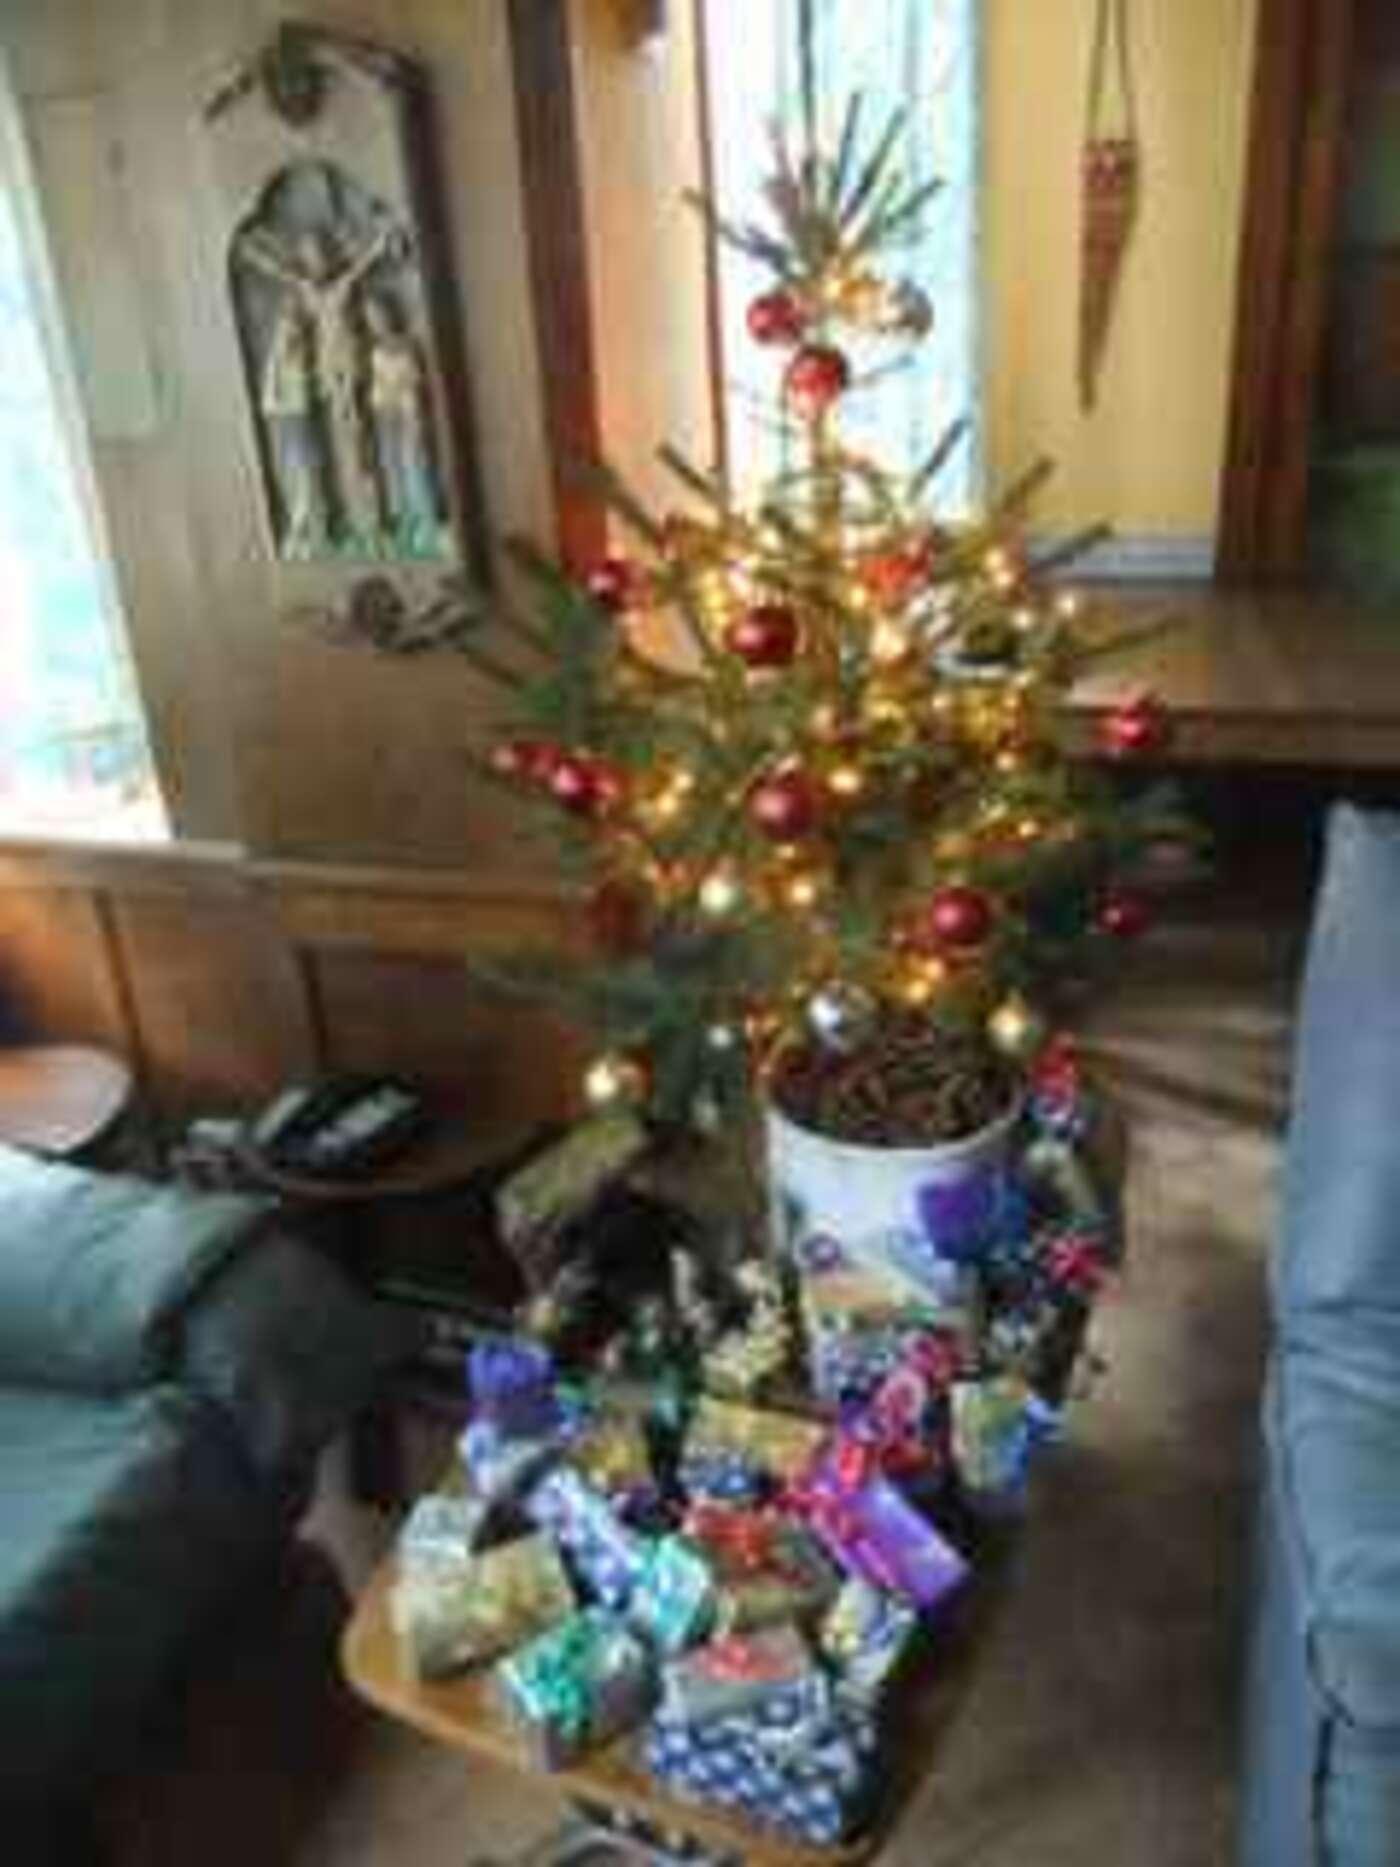 Bier Weihnachtsbaum.Weihnachtsbaum Hasselt Dvd Abend Wochenende Youthreporter